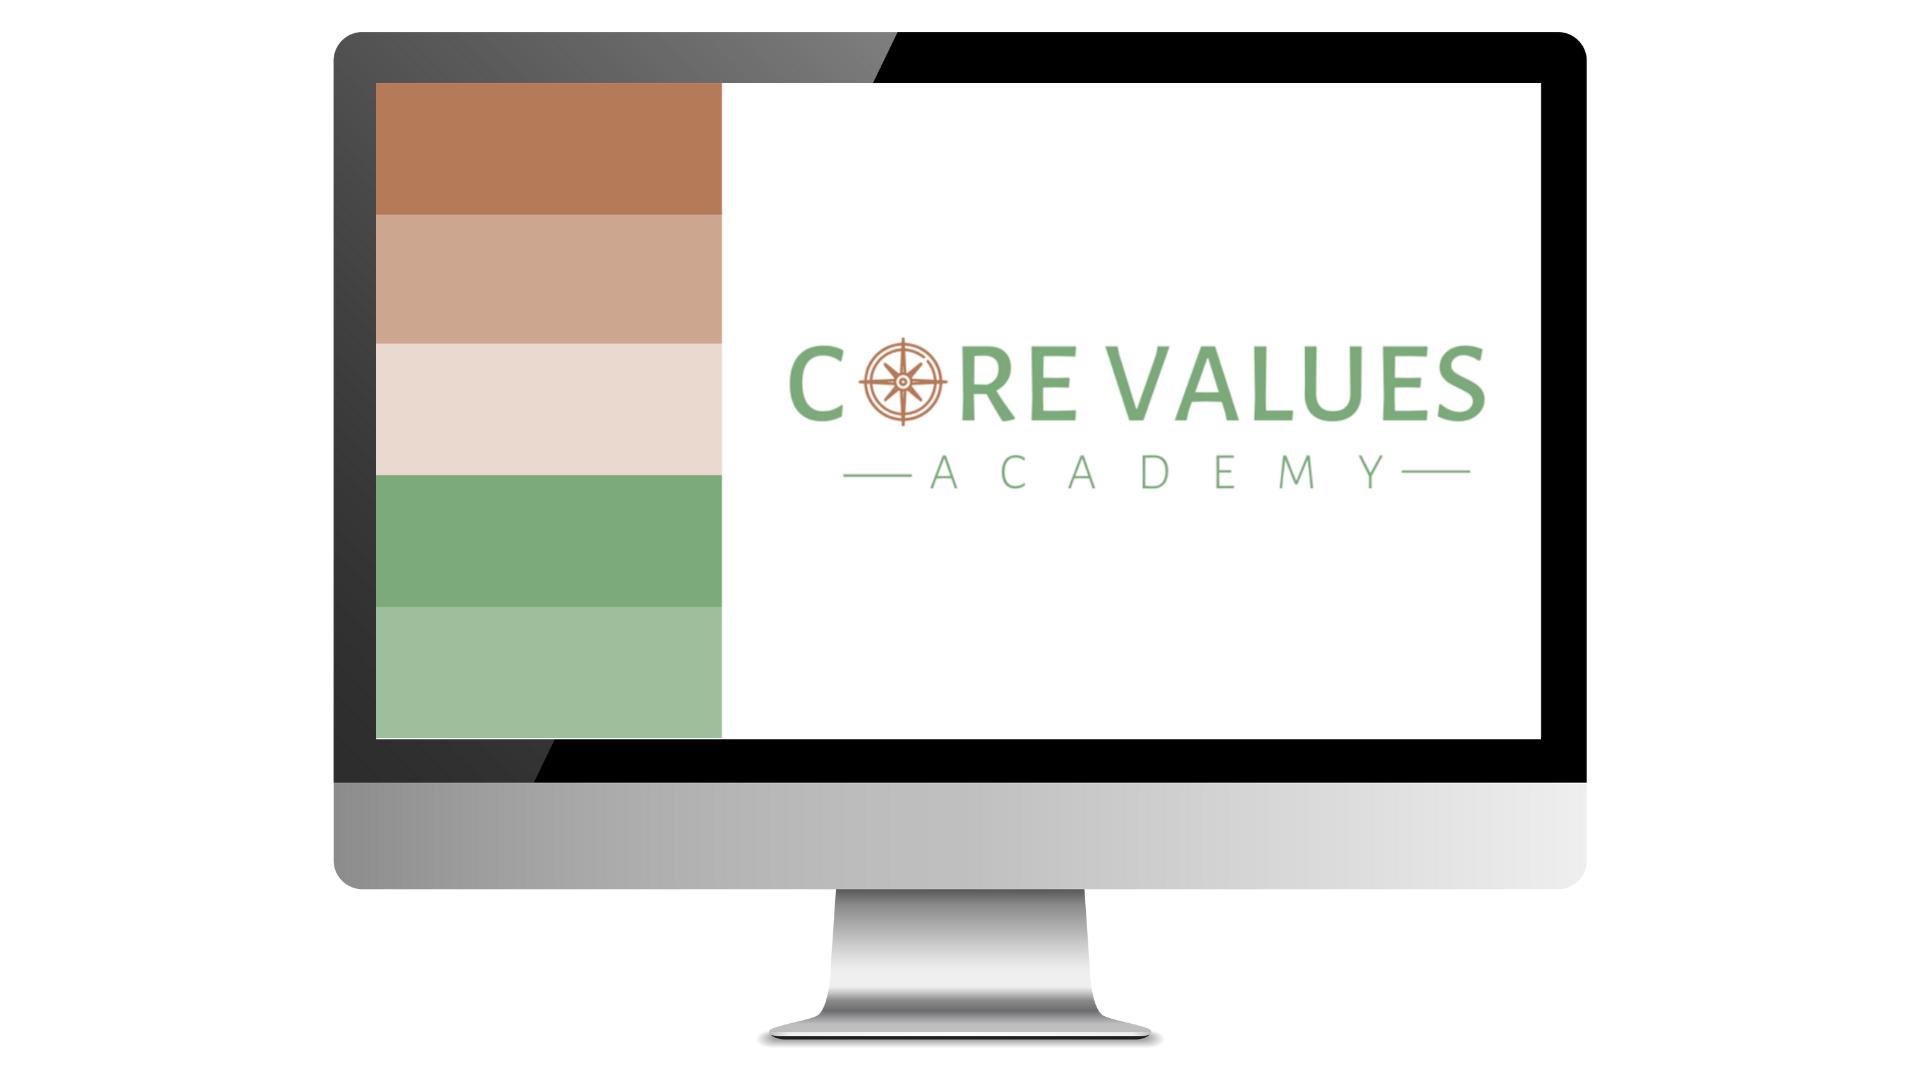 Generation Business Logo Color Scheme